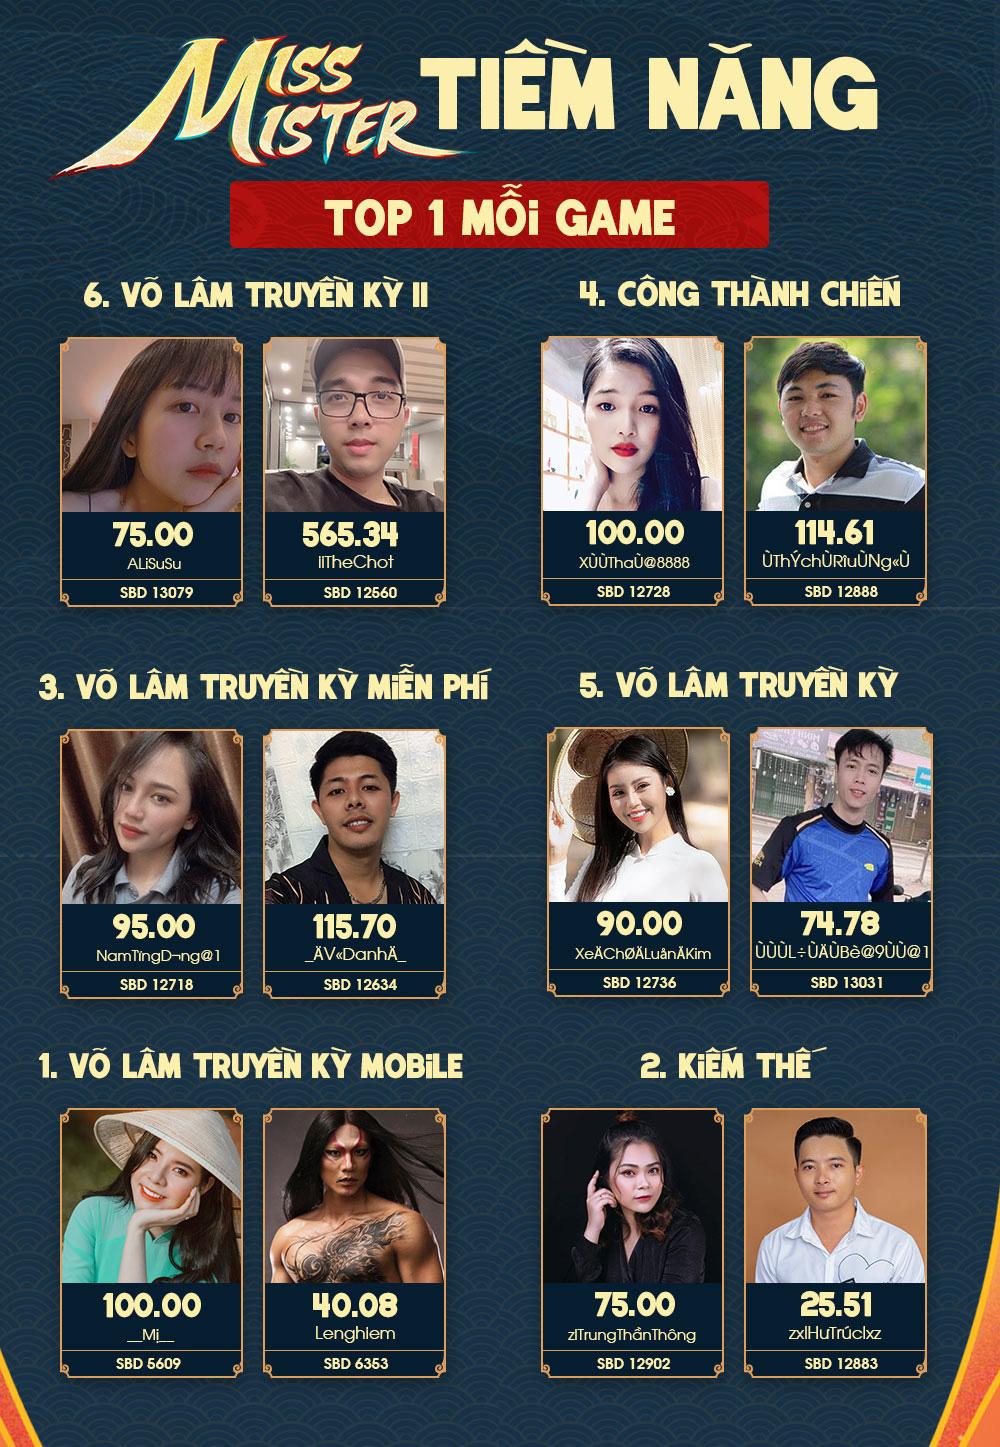 Miss & Mister VLTK 15: Hơn 9 triệu Hoa Hồng được trao gửi và gần 100.000 lượt tương tác trên kênh YouTube - Ảnh 2.